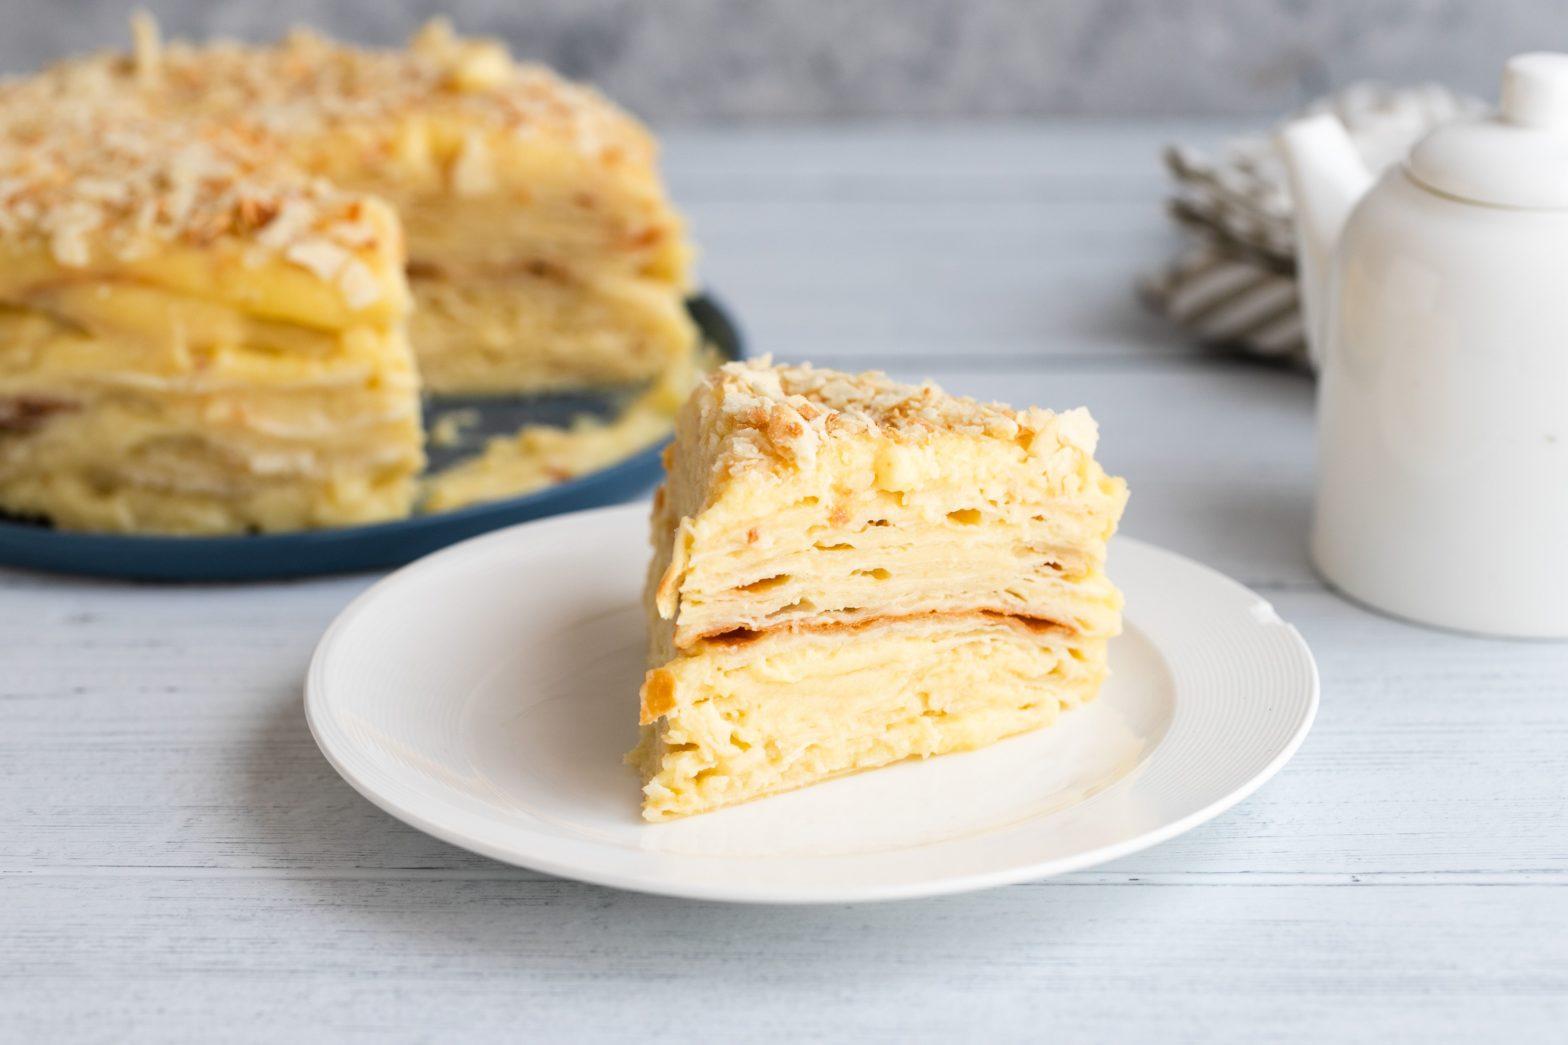 cara membuat napoleon cake